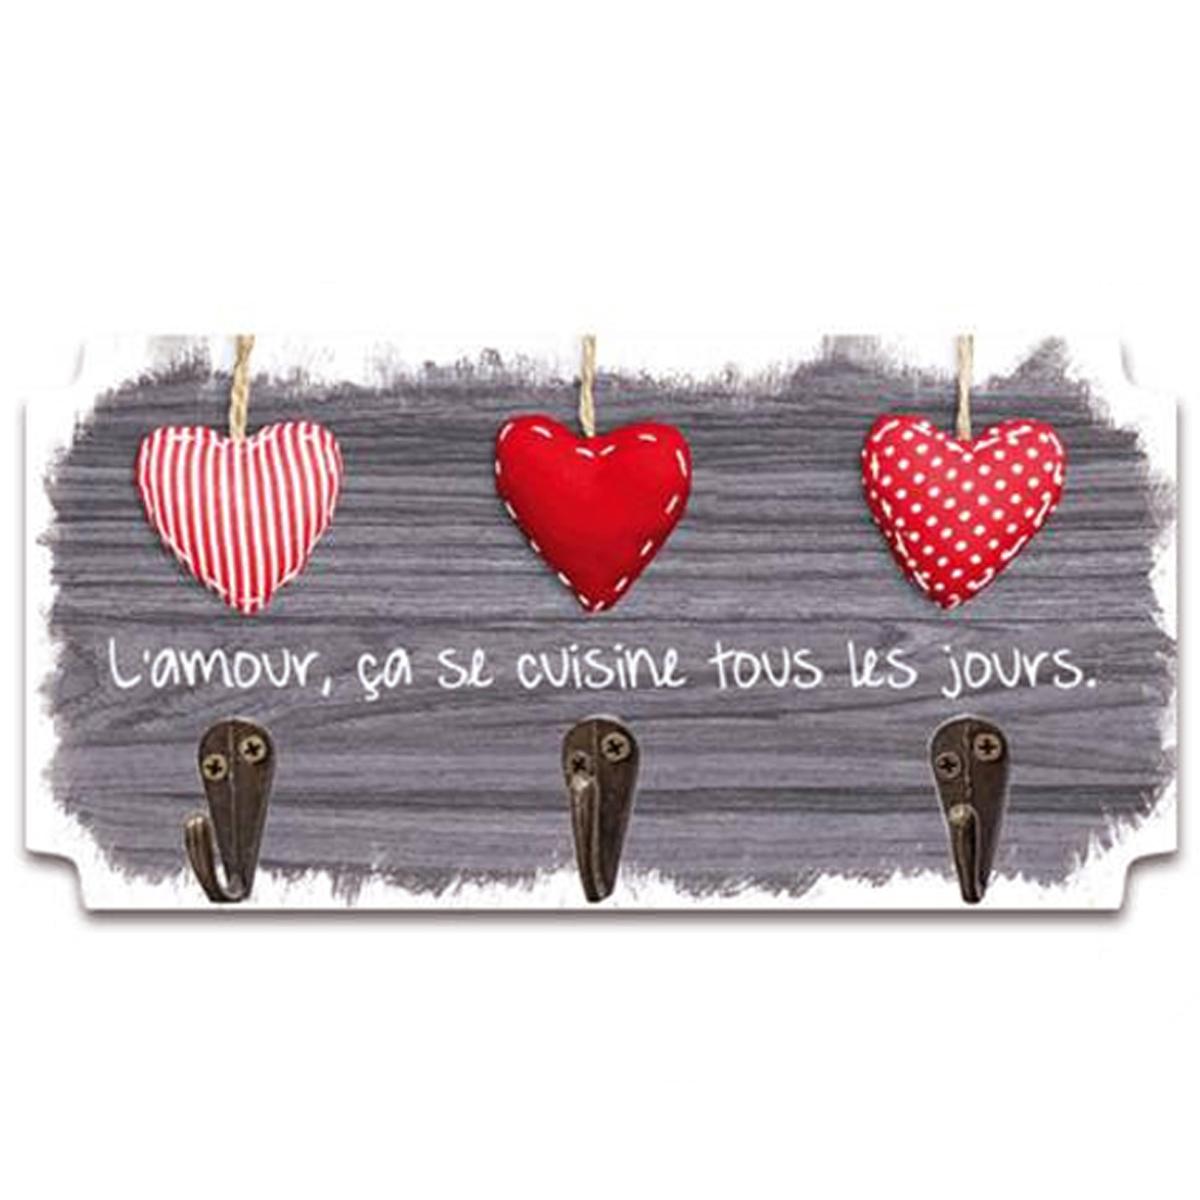 Accroche torchons bois \'Messages\' marron (L\'Amour, ça se cuisine tous les jours) 3 accroches - 19x10 cm - [P5299]